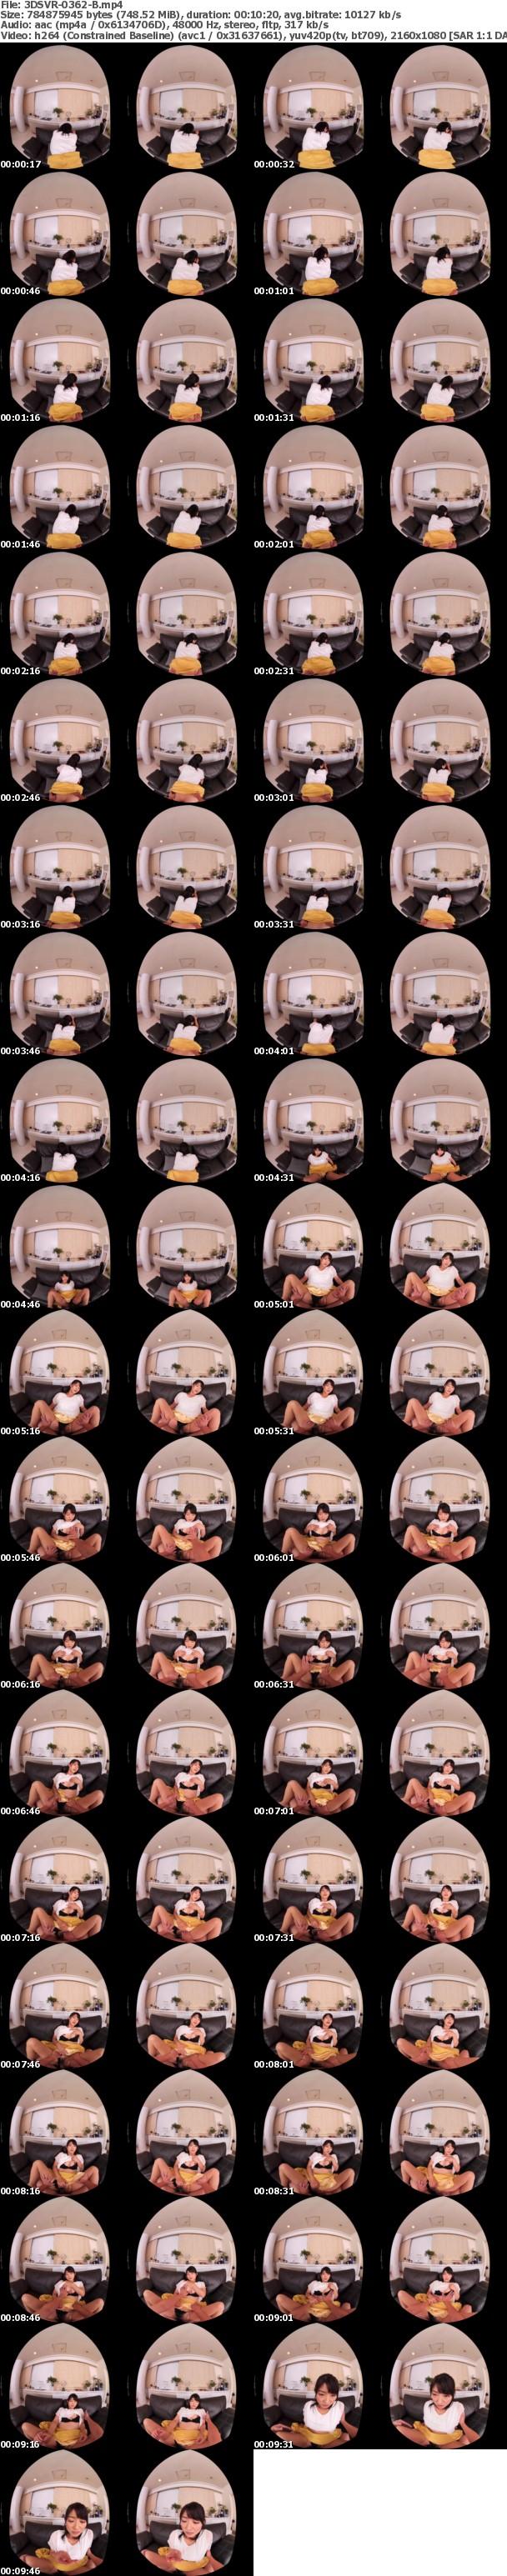 VR/3D 3DSVR-0362 【超高画質版】山口菜穂 38歳 VR 第2章どこにでもいる普通のママがやっぱり1番エロい。旦那の居ぬ間に自宅で逢瀬。本物人妻に寝取り中出し!